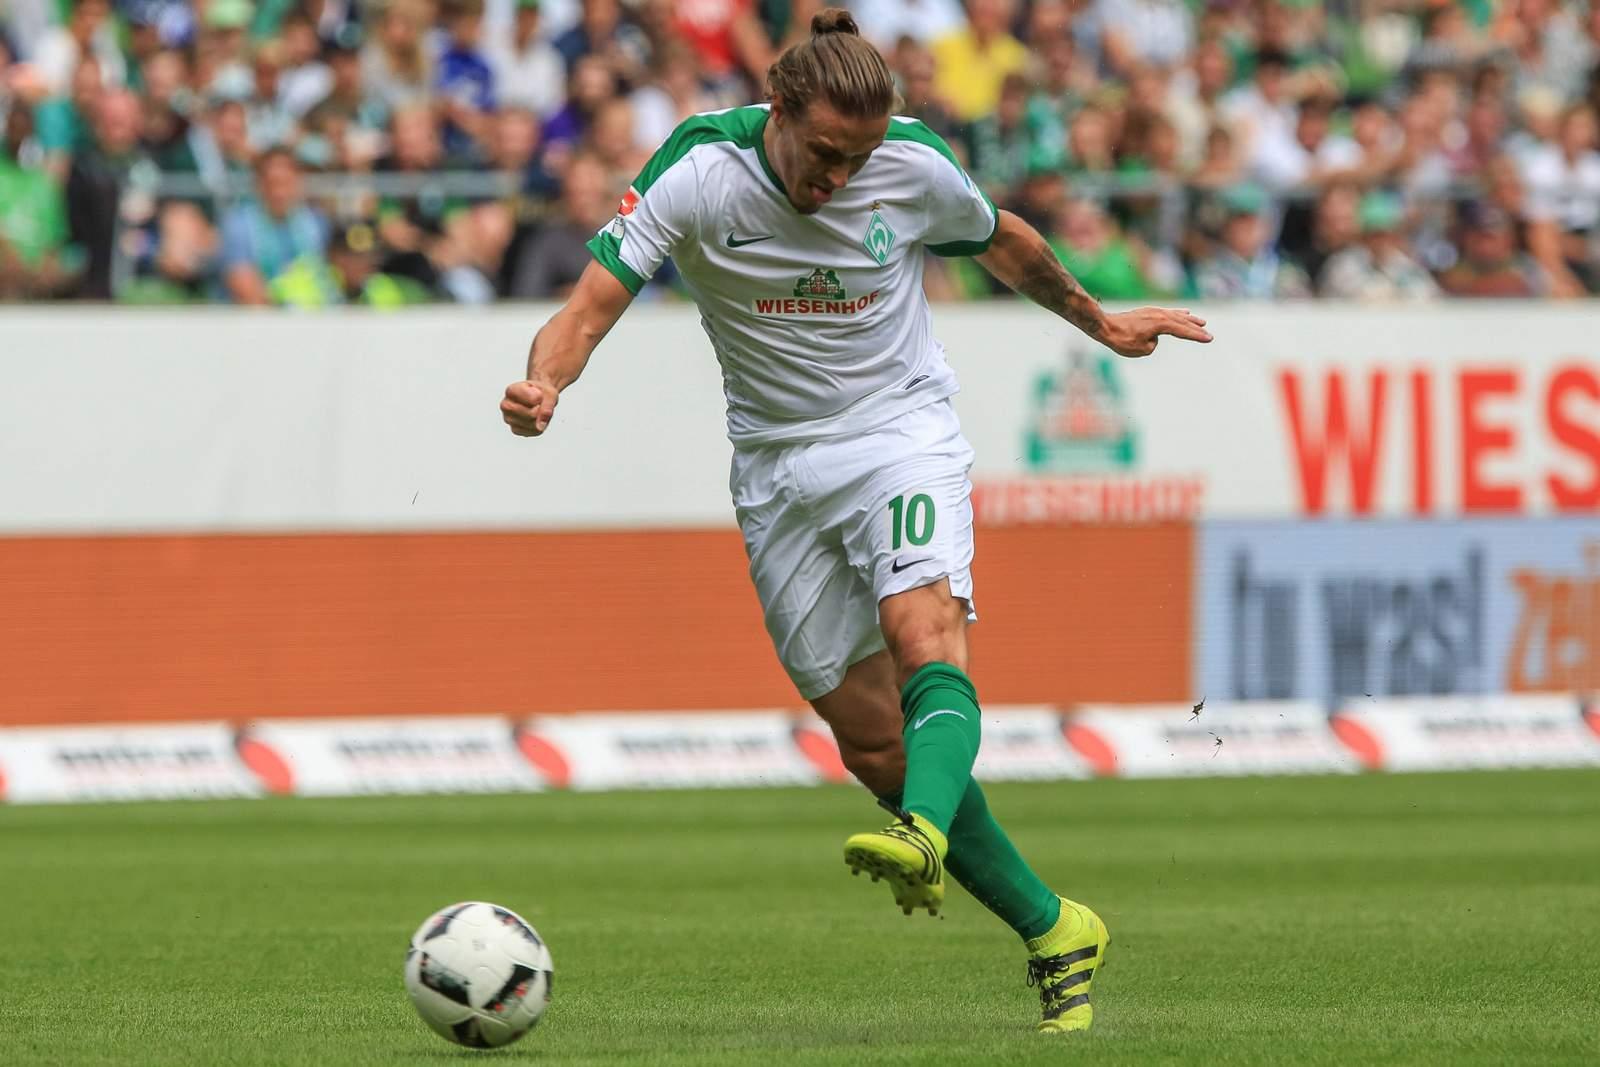 Max Kruse zieht ab. Jetzt auf Werder Bremen gegen BVB Dortmund wetten!